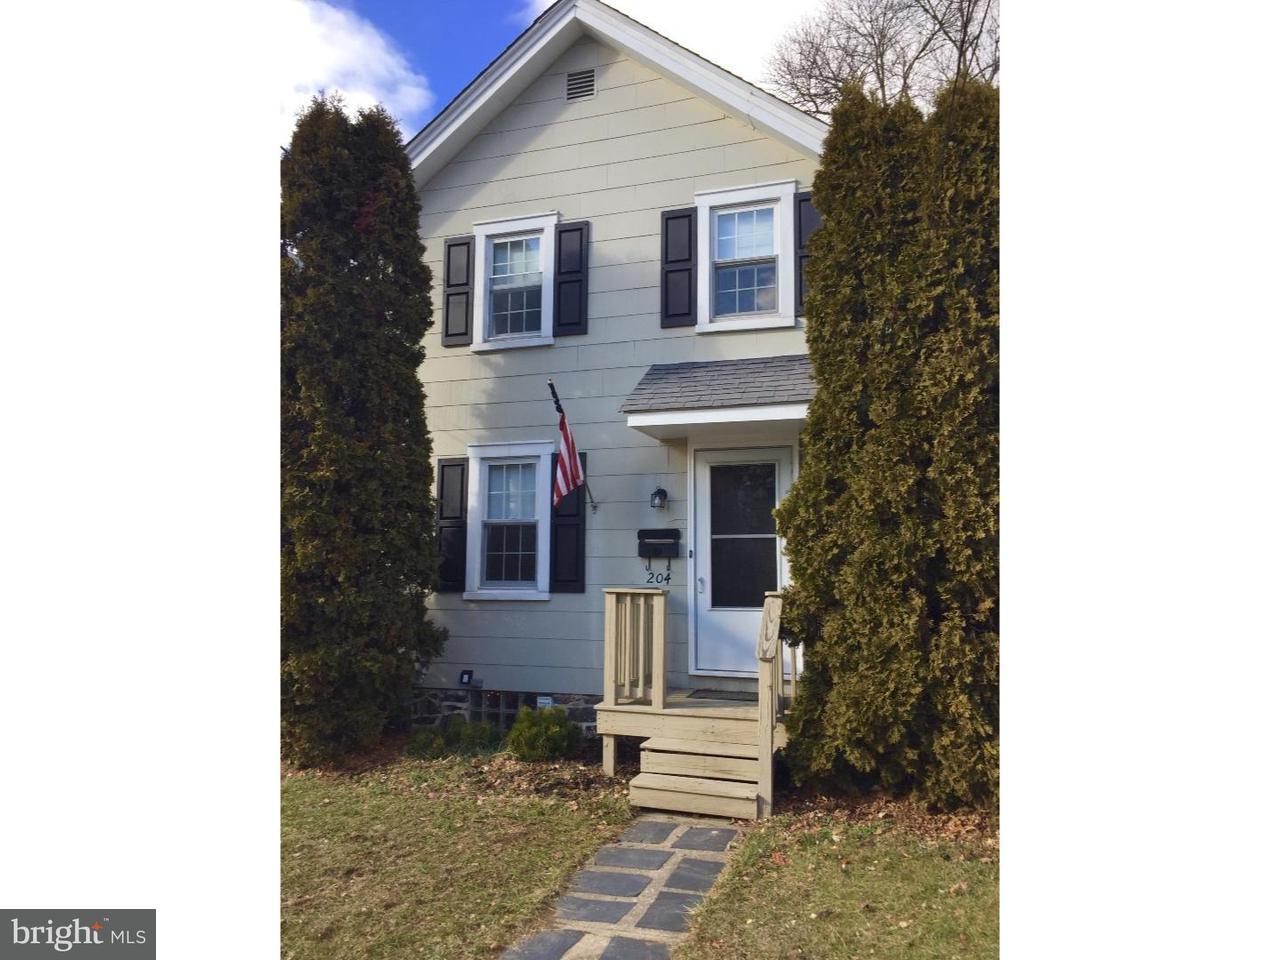 Частный односемейный дом для того Аренда на 204 LOWRYS Lane Bryn Mawr, Пенсильвания 19010 Соединенные Штаты